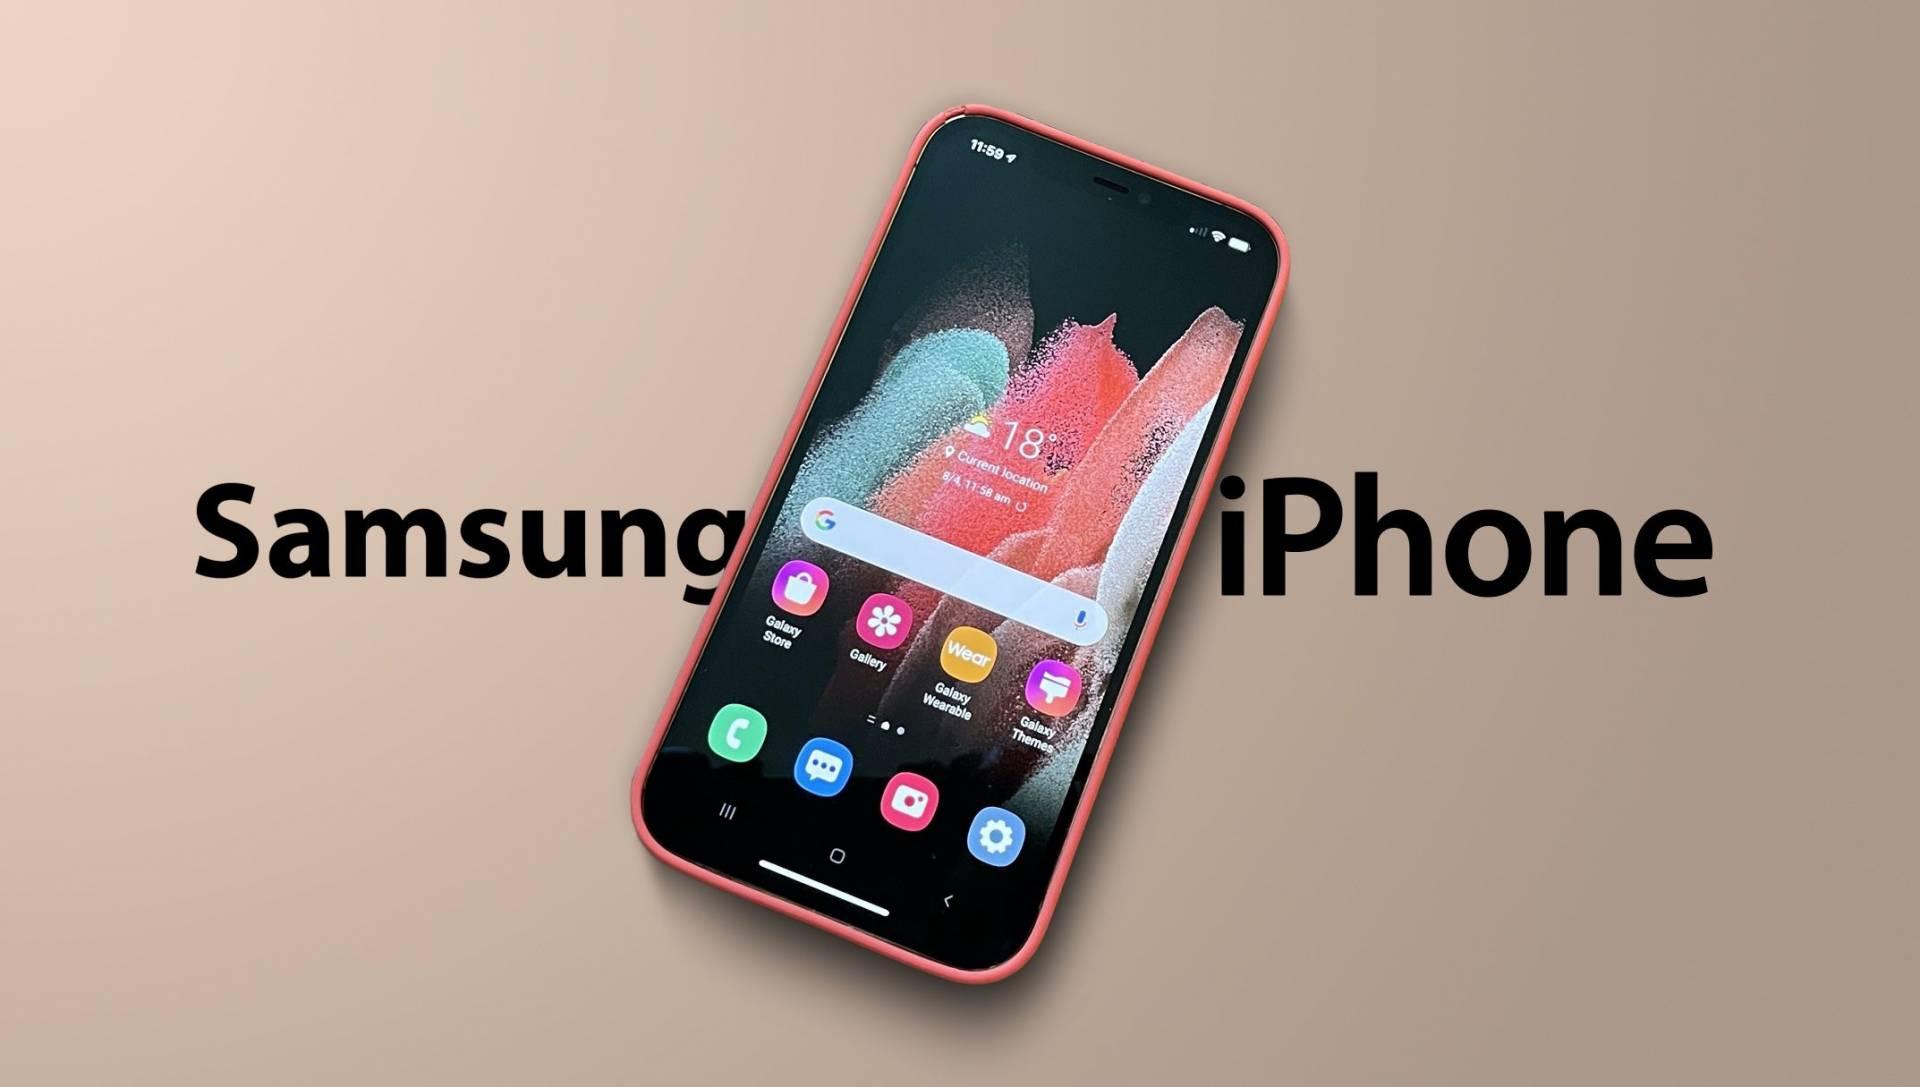 Vyskúšajte si Samsung na svojom iPhone